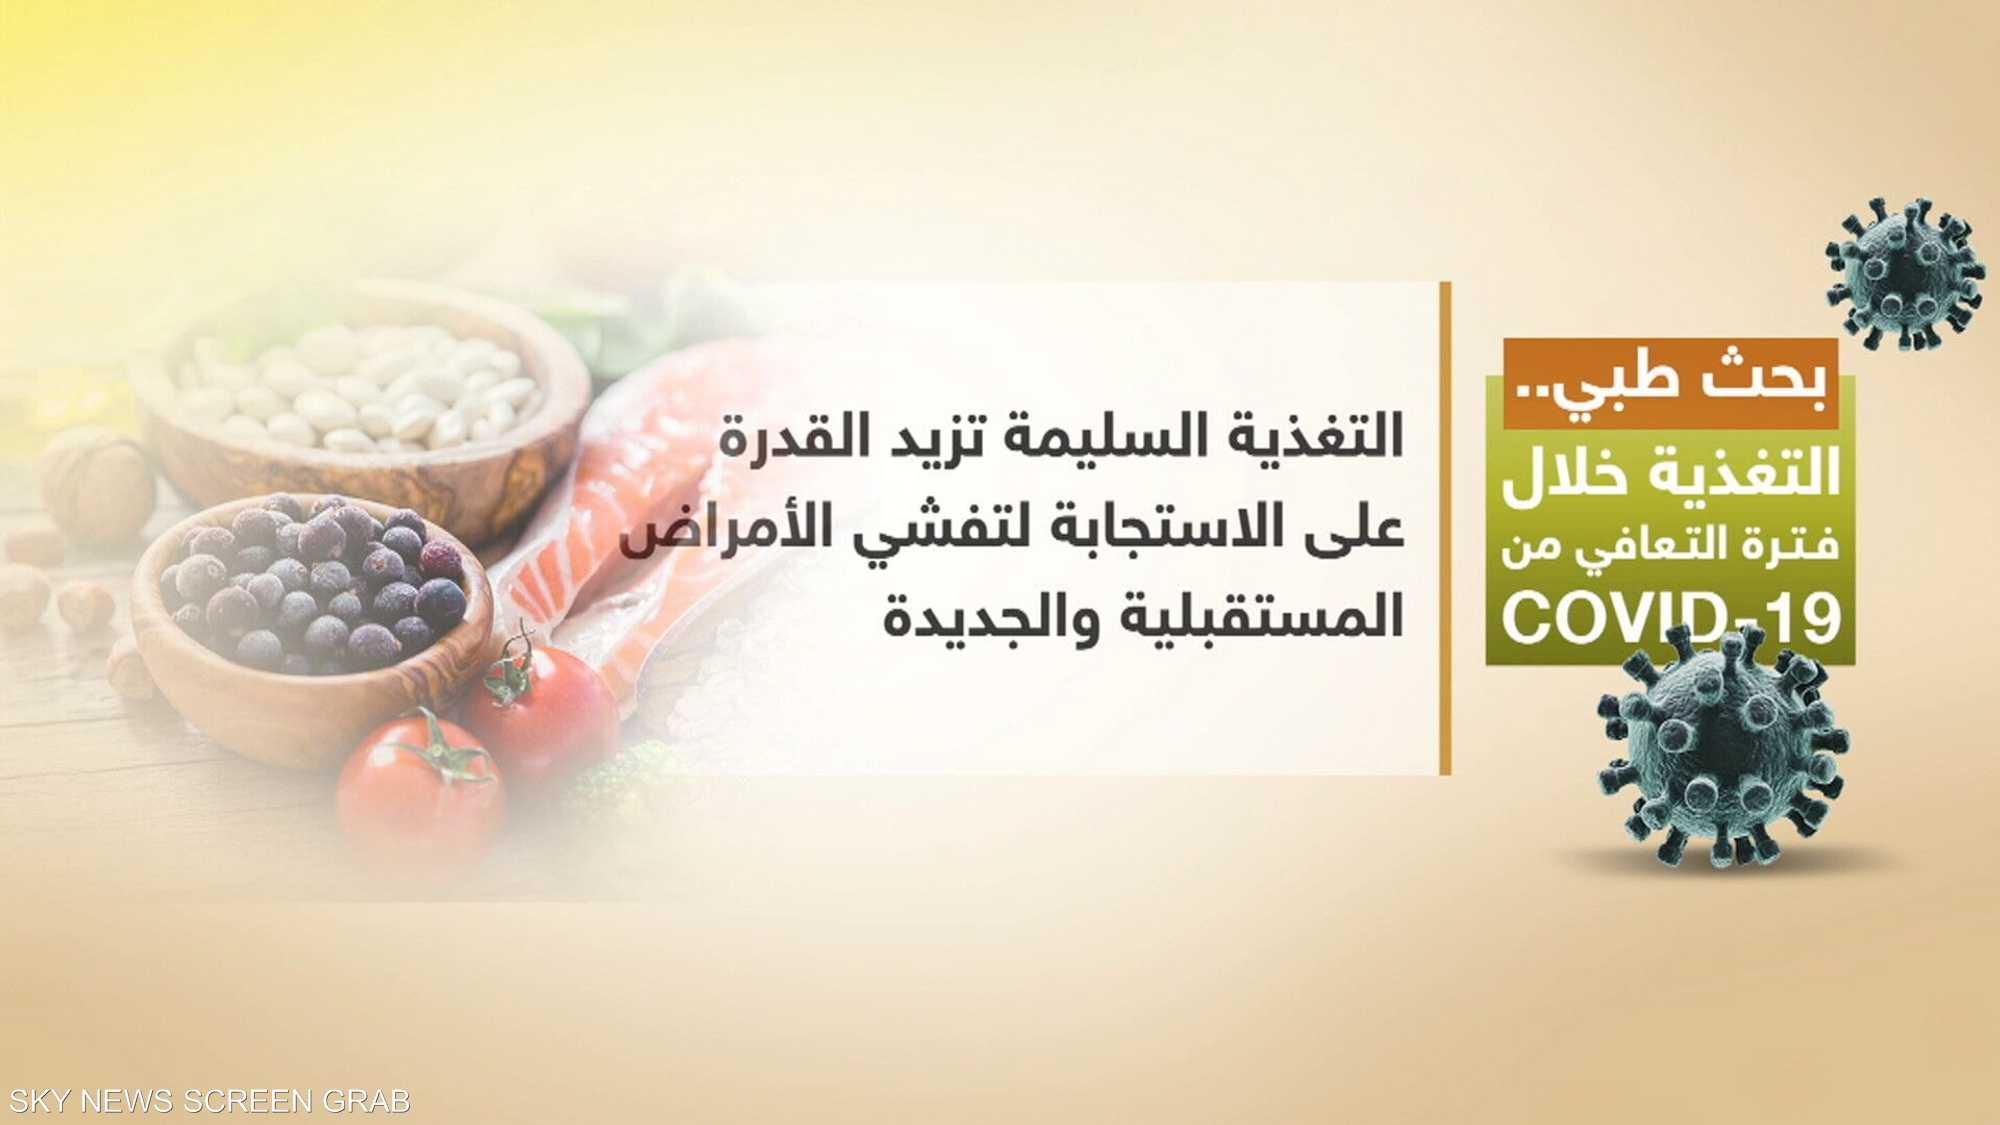 أهمية التغذية خلال فترة تعافي المريض من كورونا